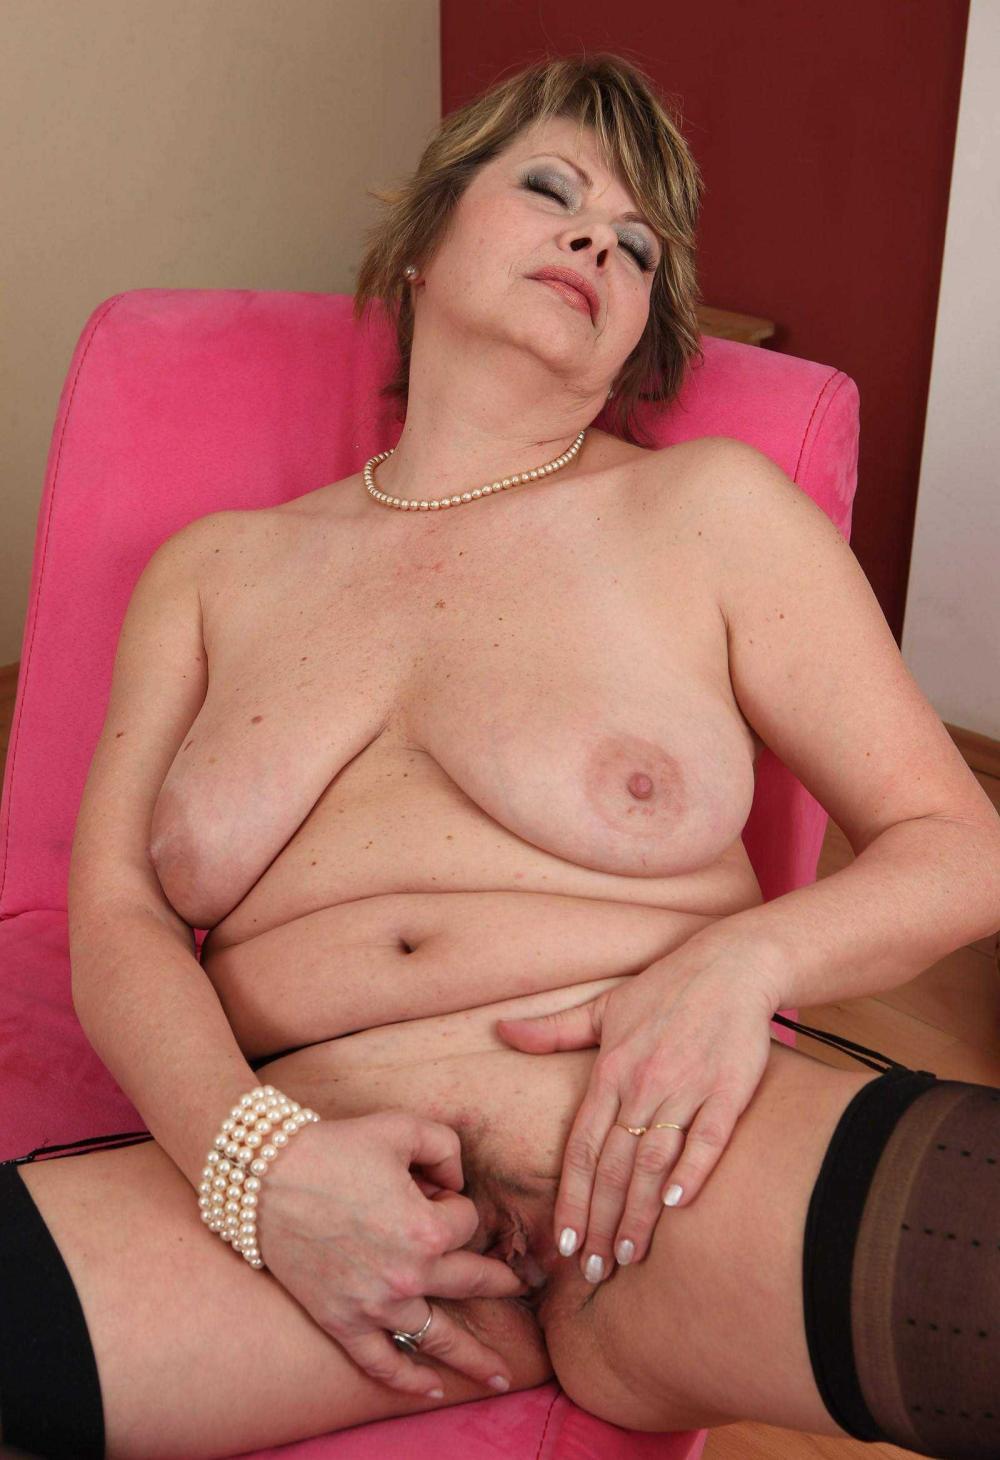 Голые зрелые женщины порно фото сидит в розовом кресле раздвинув ноги в чулках, сиськи висят, правой рукой пальчиками трахает себя, глаза закрыты от удовольствия